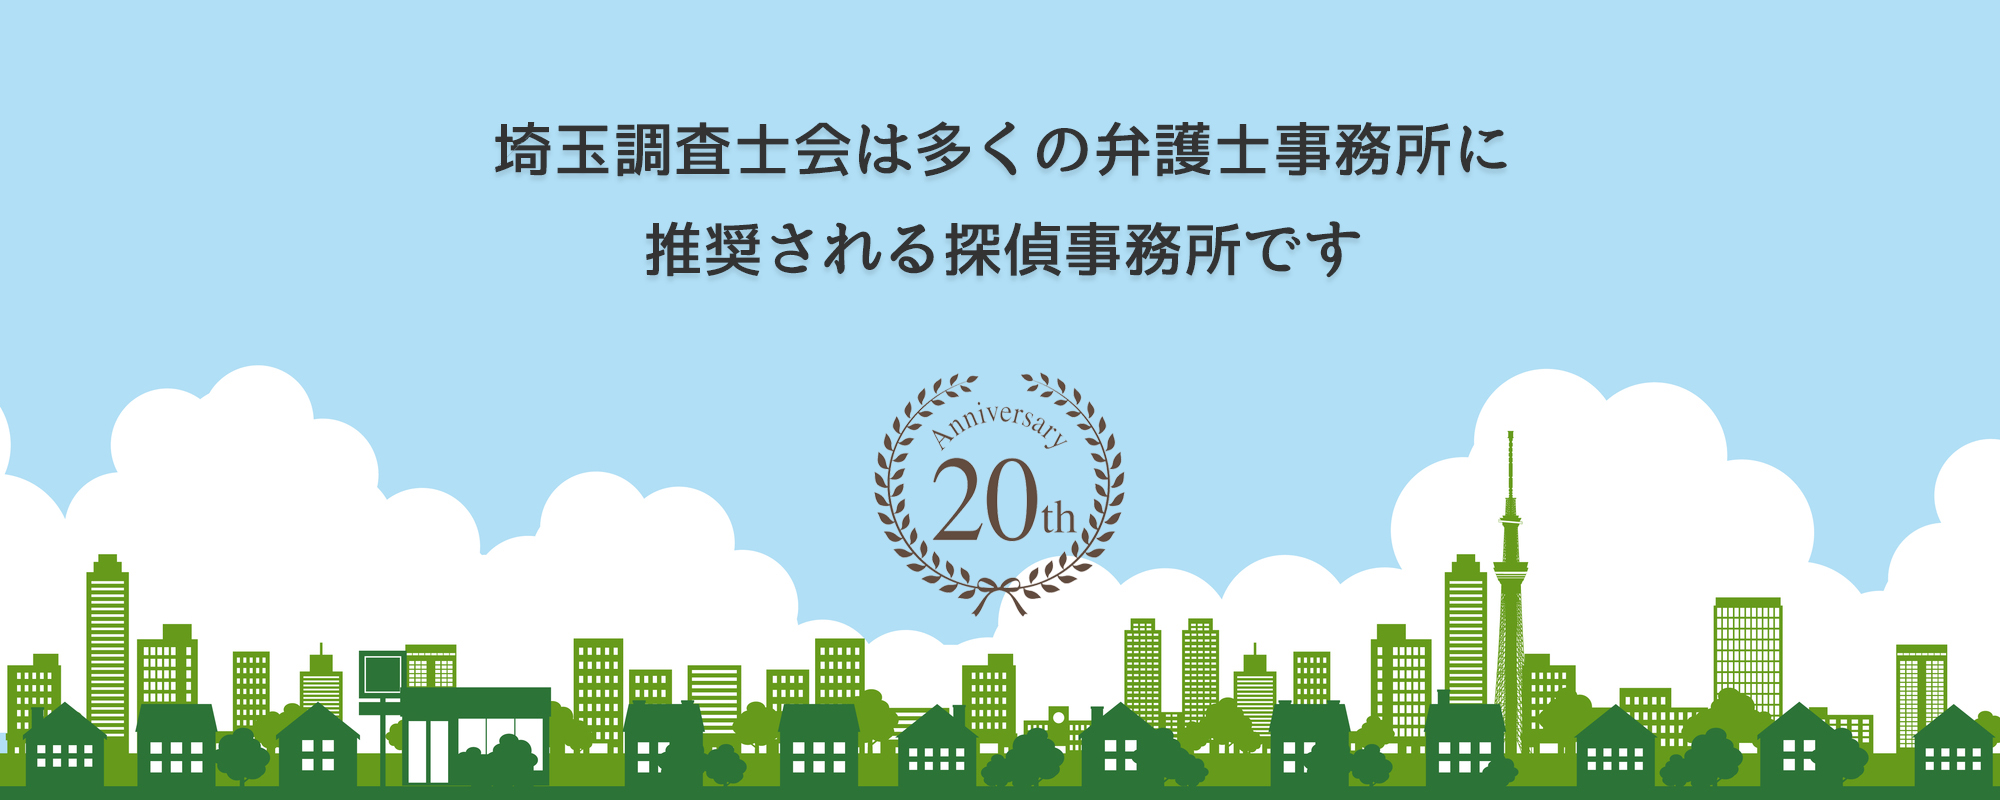 埼玉相談室は多くの弁護士事務所に推奨されています。